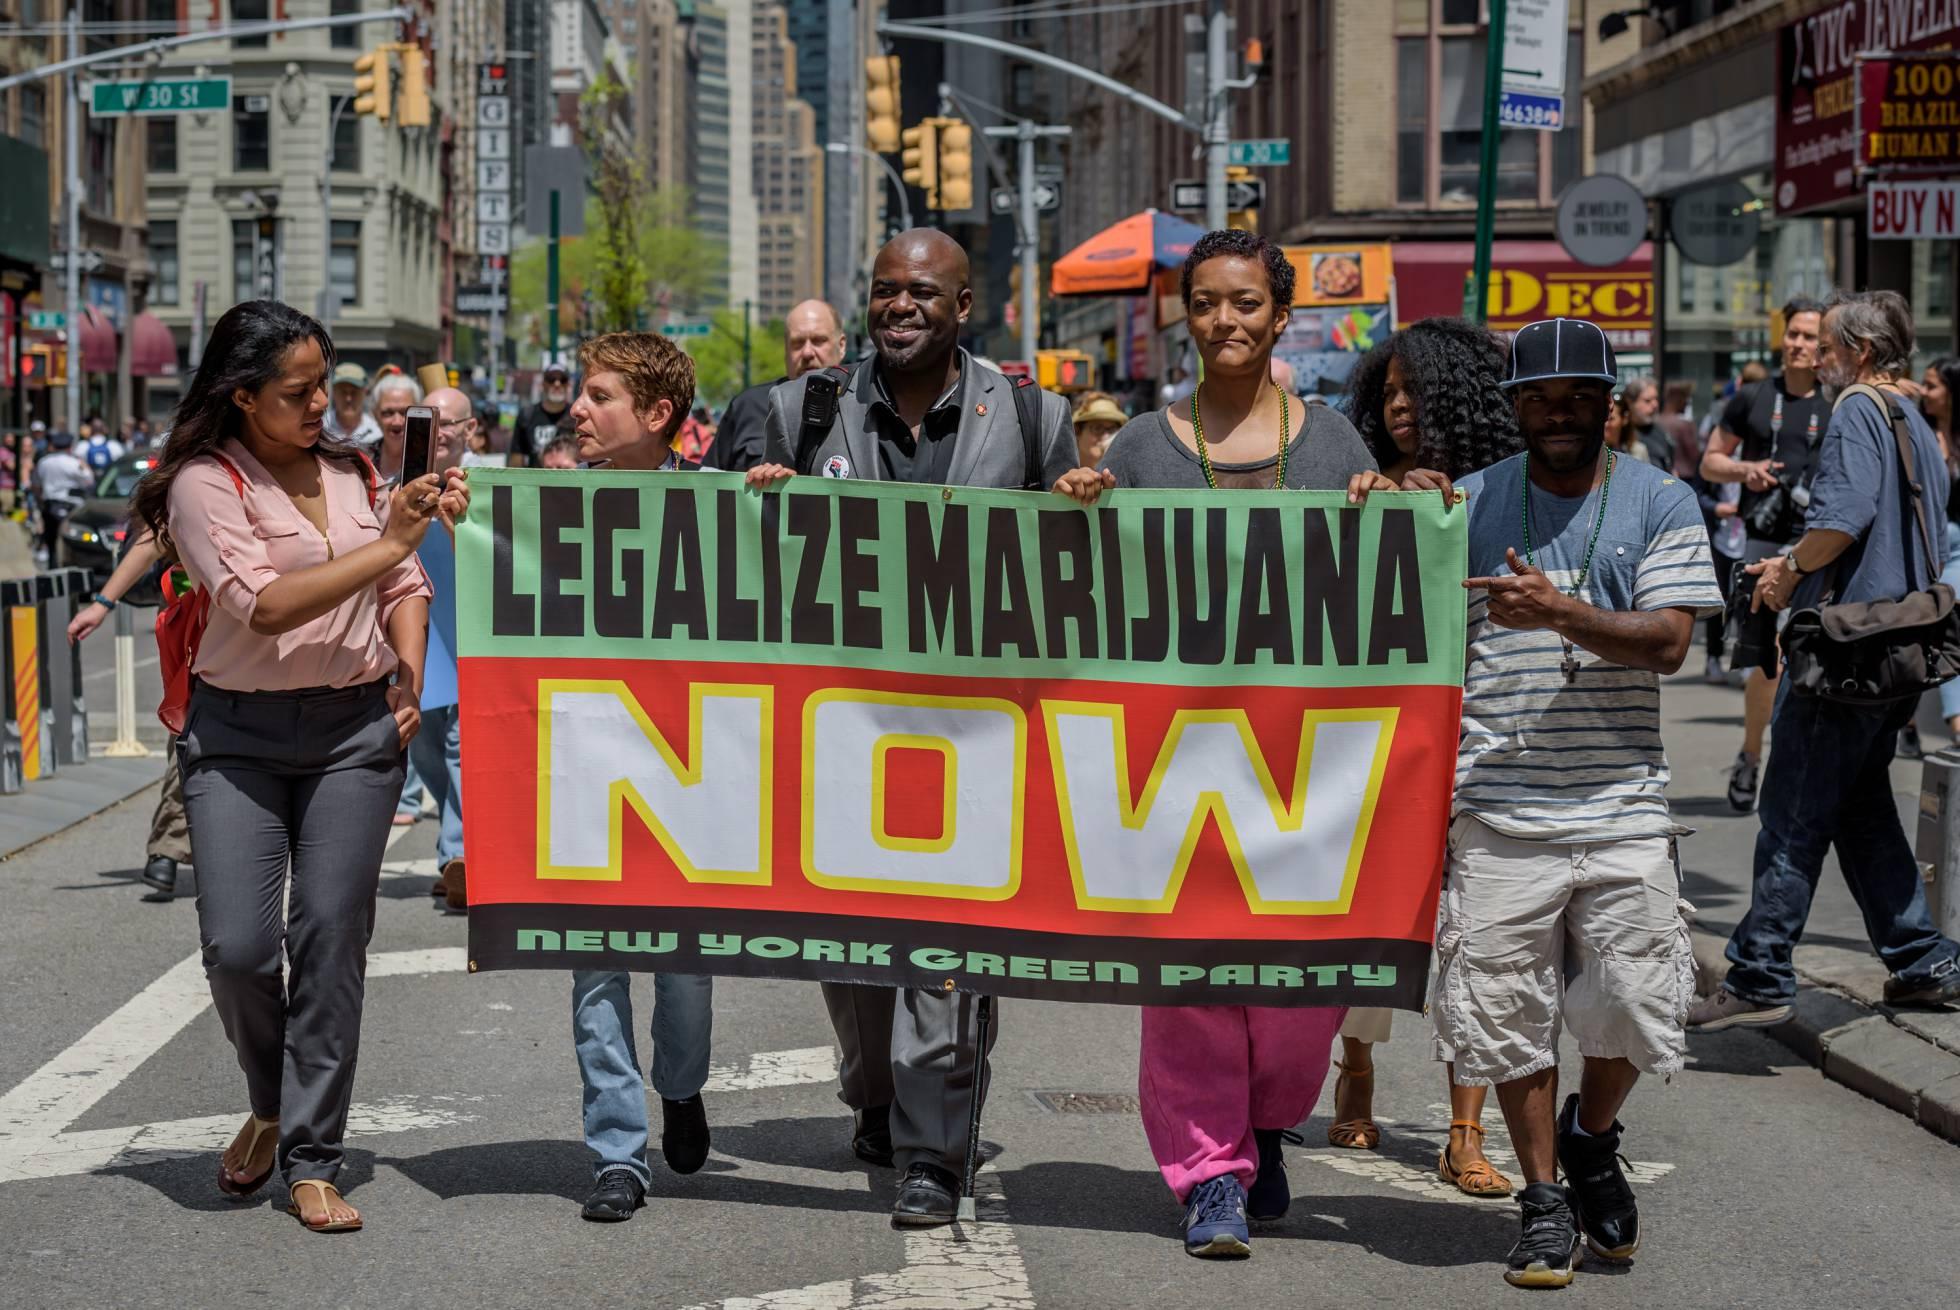 manifestacion a favor de marihuana